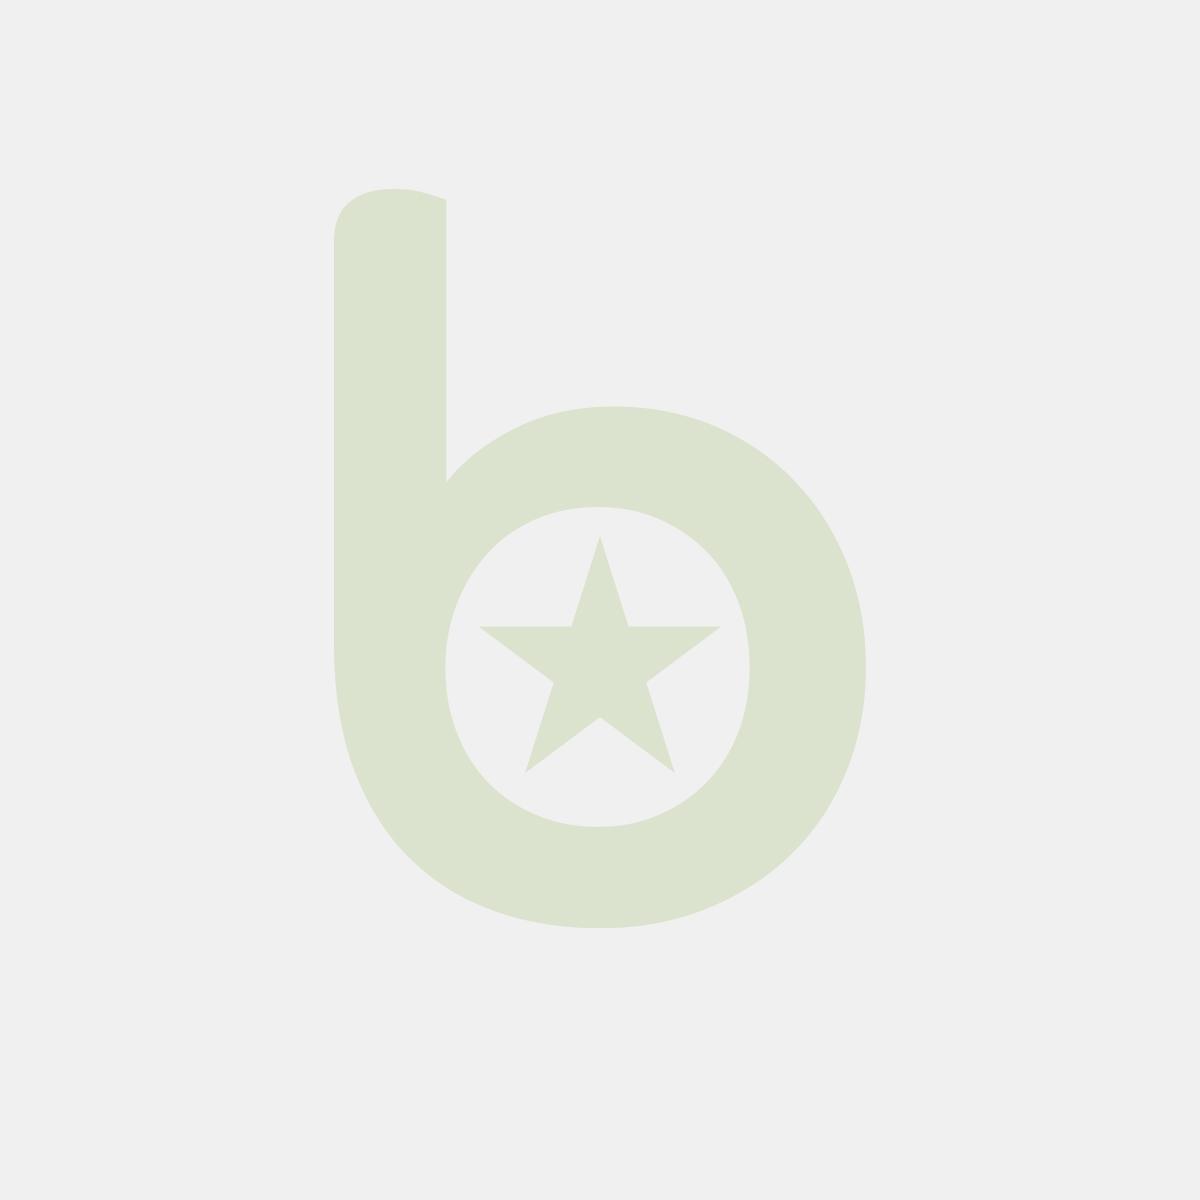 FINGERFOOD - kubek 90ml PS czarny 6,2x6,2x5,5 op. 25 sztuk